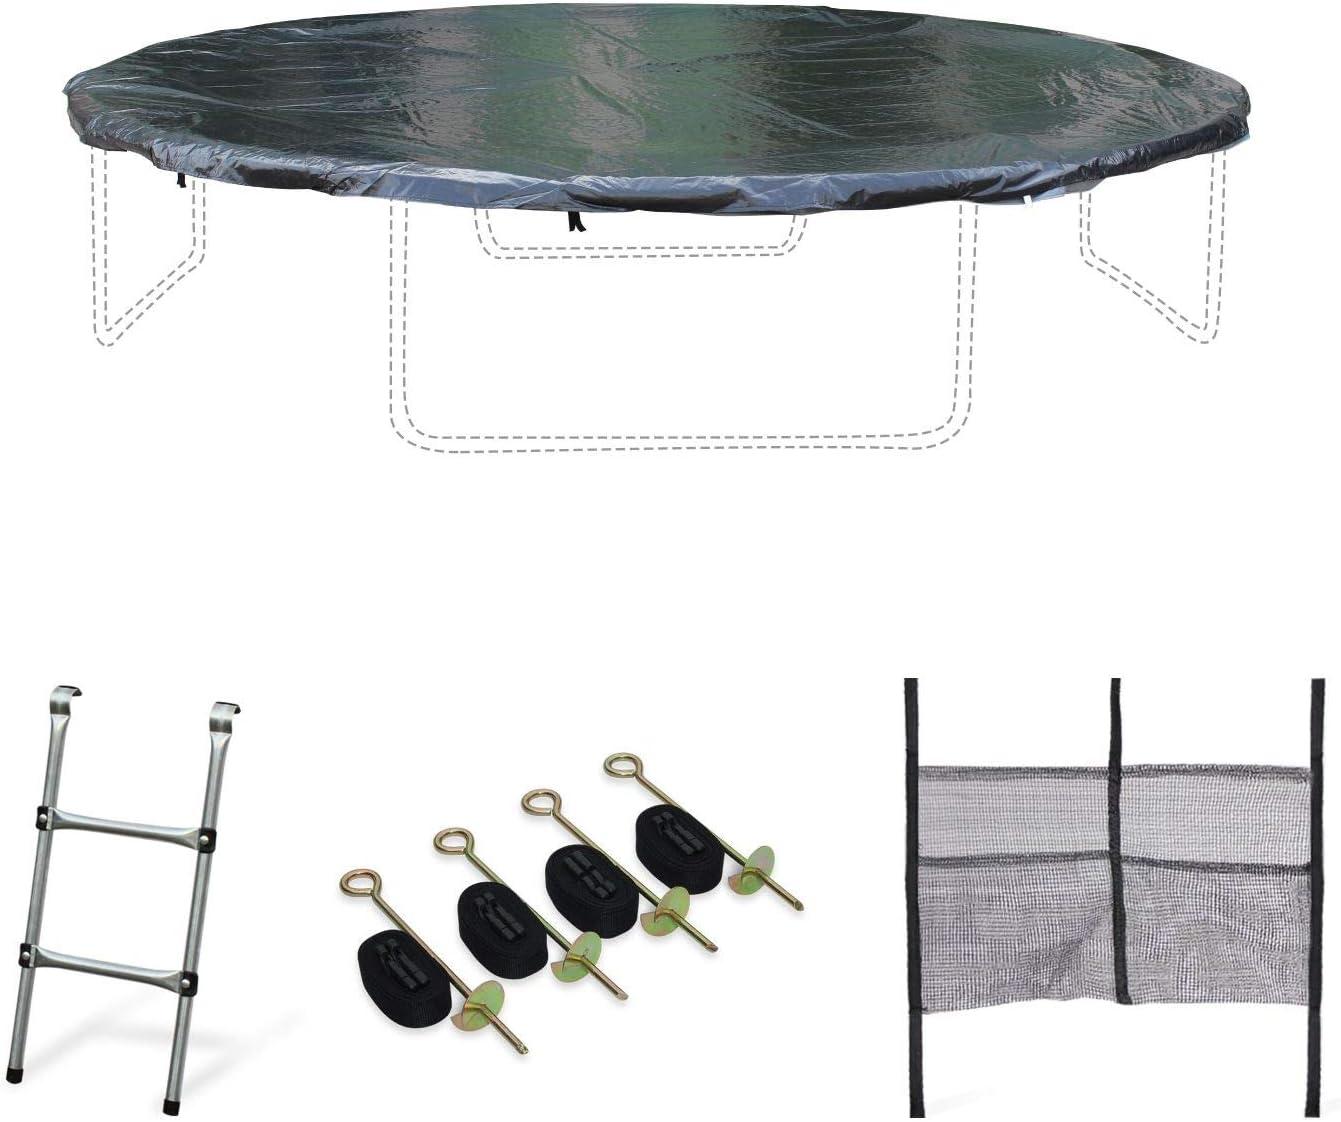 Alices Garden - Kit de anclaje funda protectora escalera funda para zapatos 370 cm - Saturne: Amazon.es: Deportes y aire libre